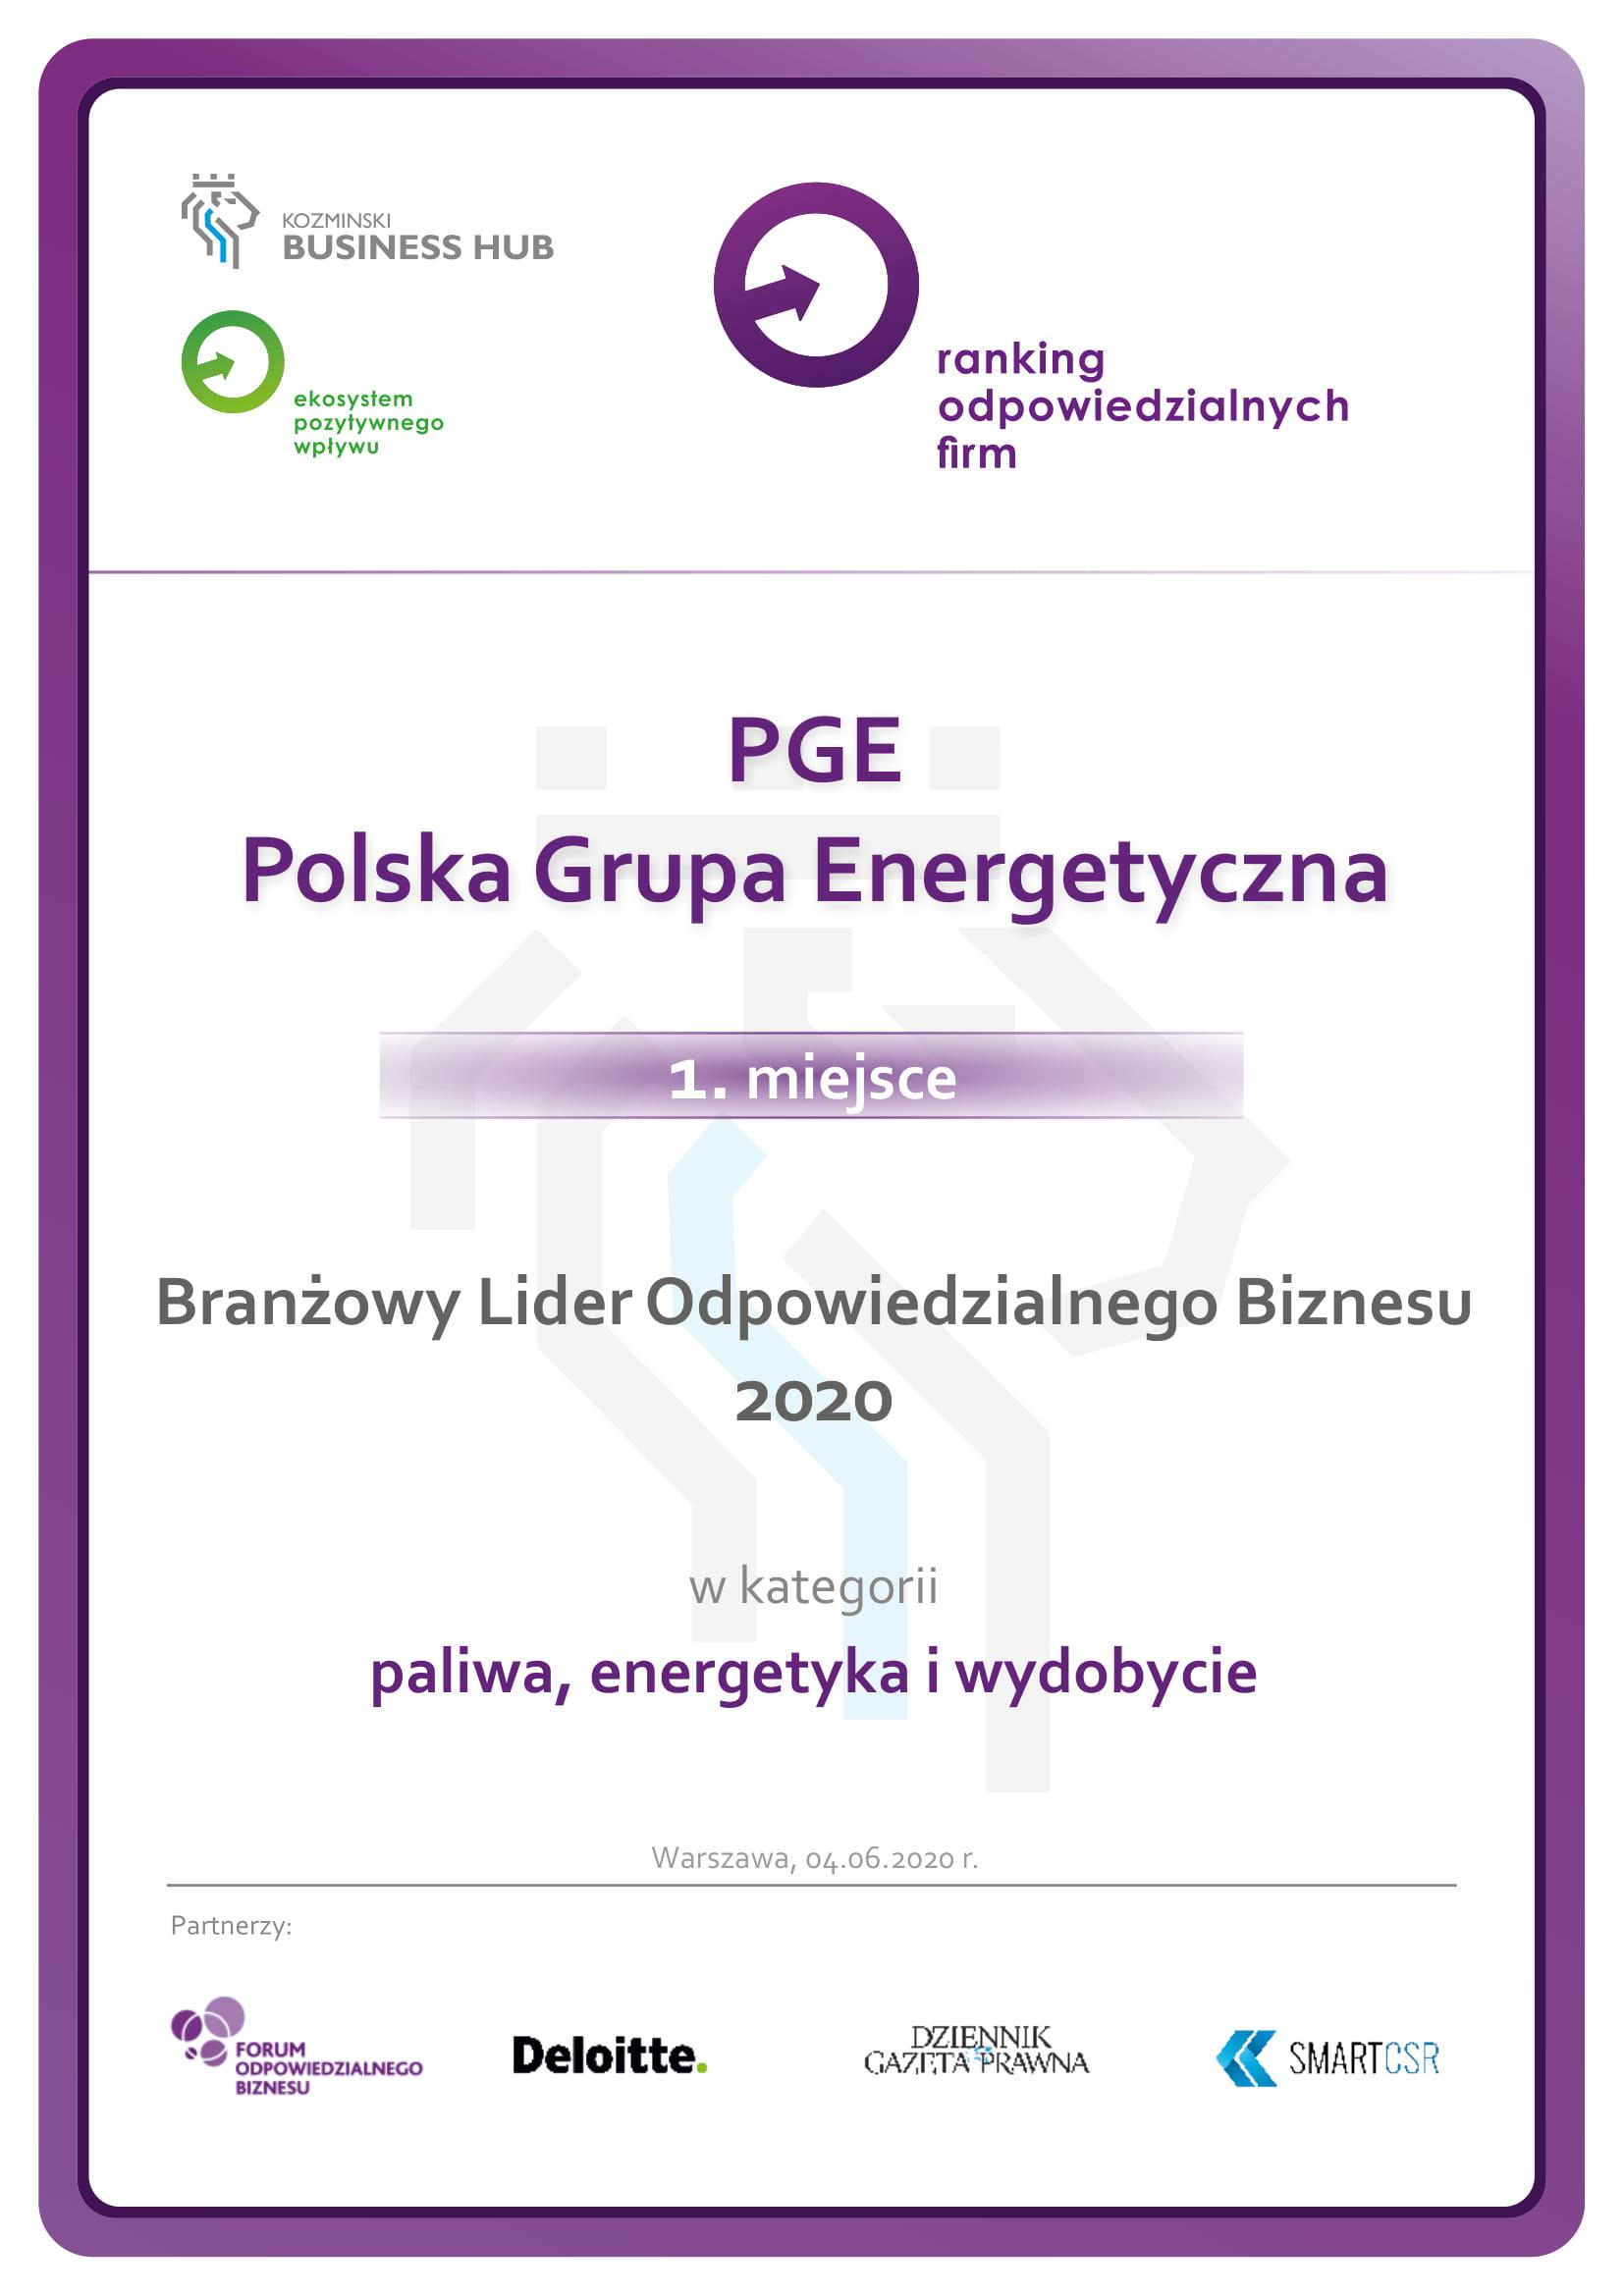 paliwa-energetyka-i-wydobycie-pge.jpg